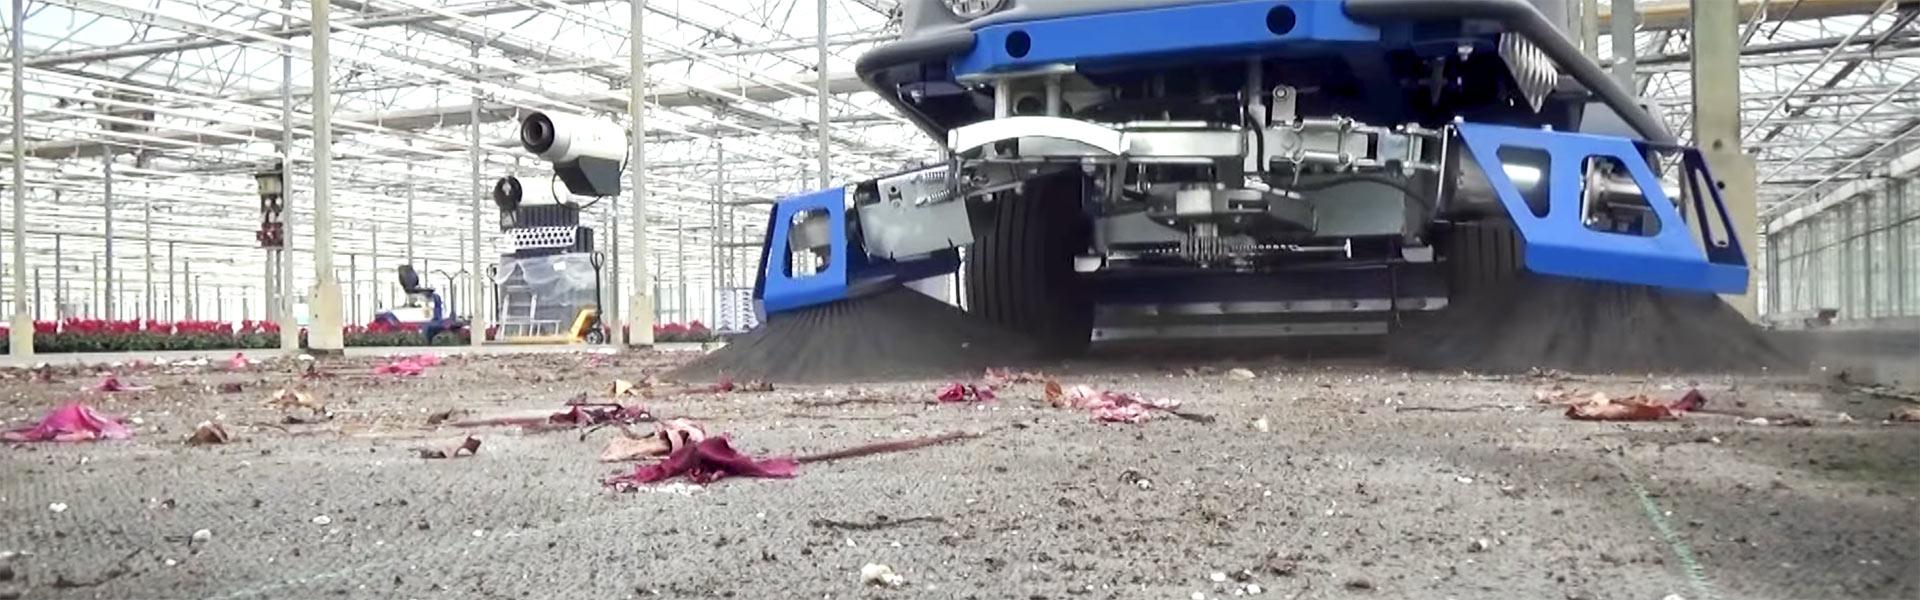 worteldoek-veegmachine-populair-in-duitsland